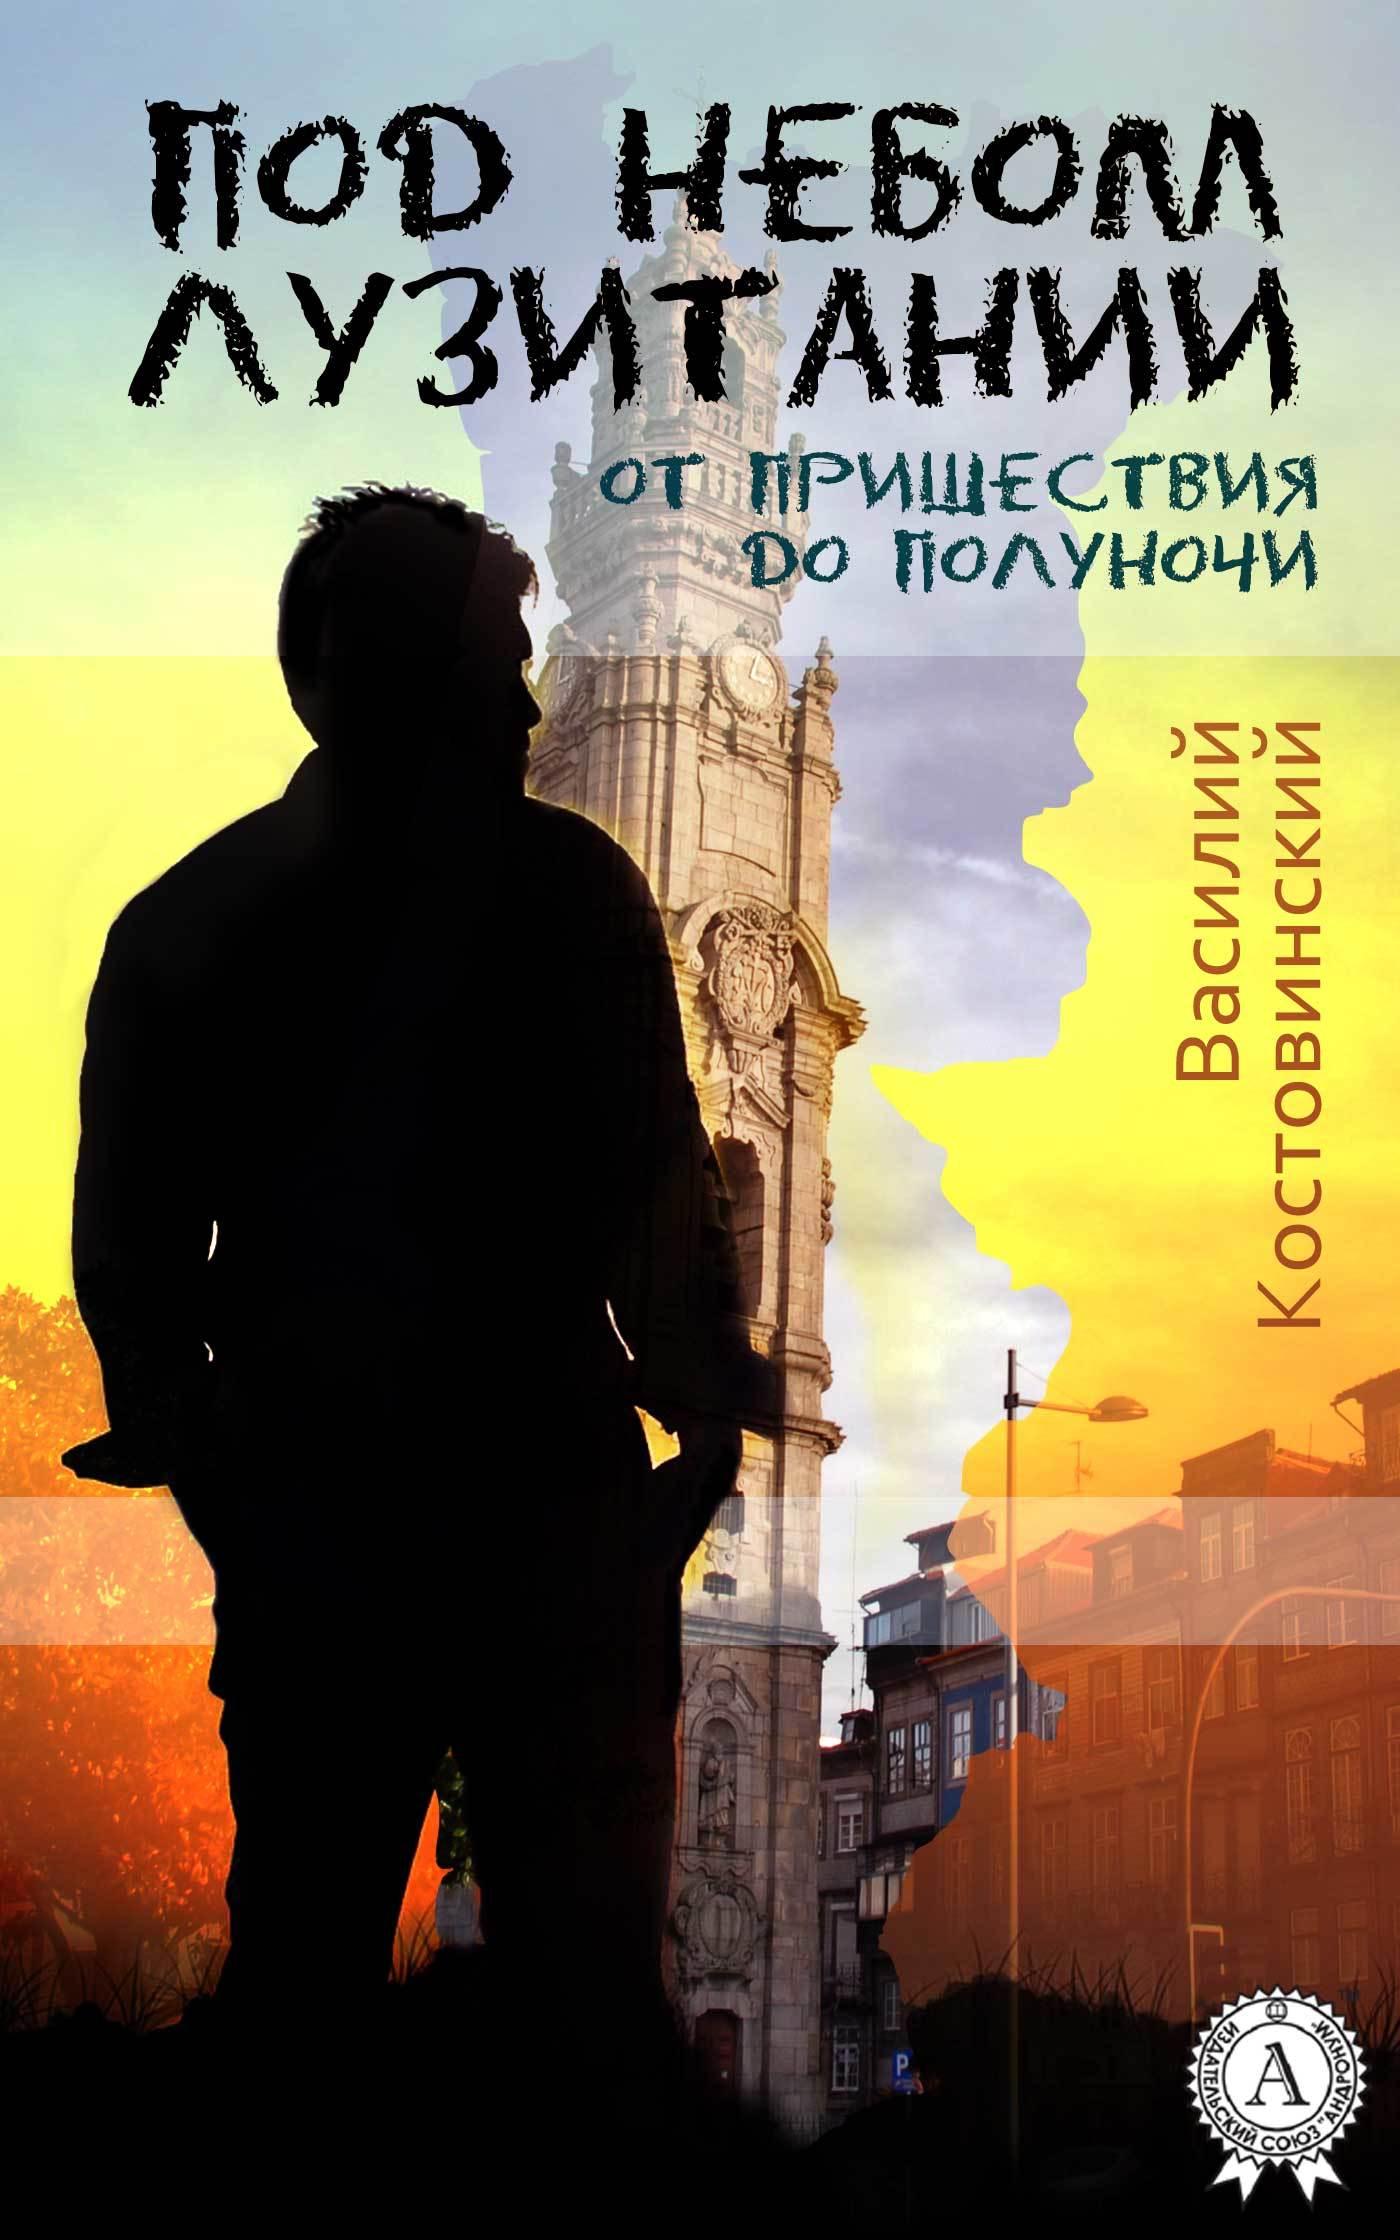 Василий Костовинский - Под небом Лузитании. От пришествия до полуночи